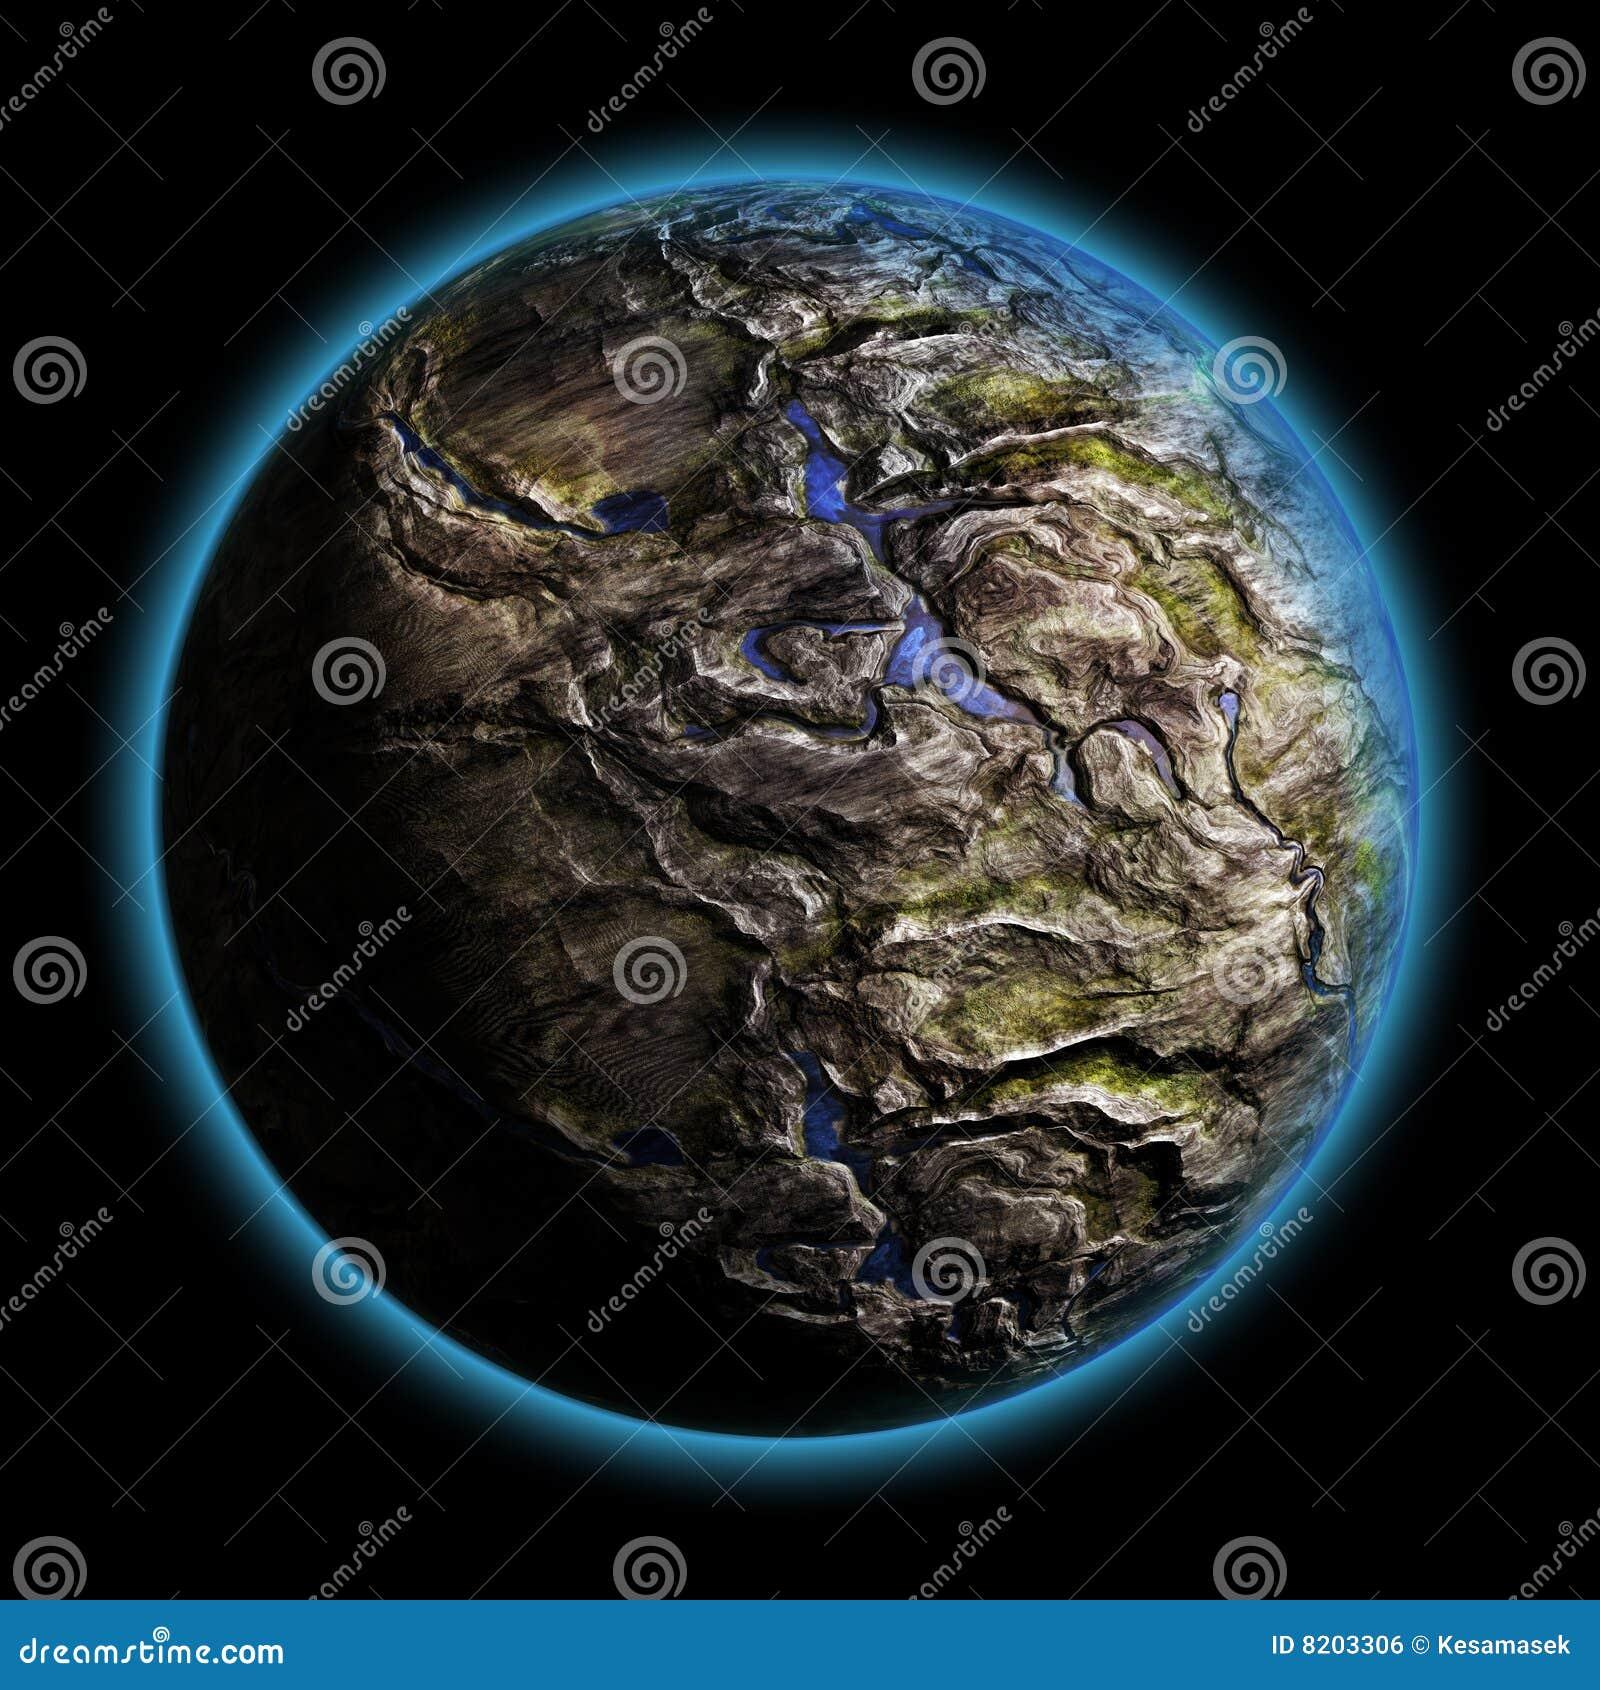 single planets - photo #27